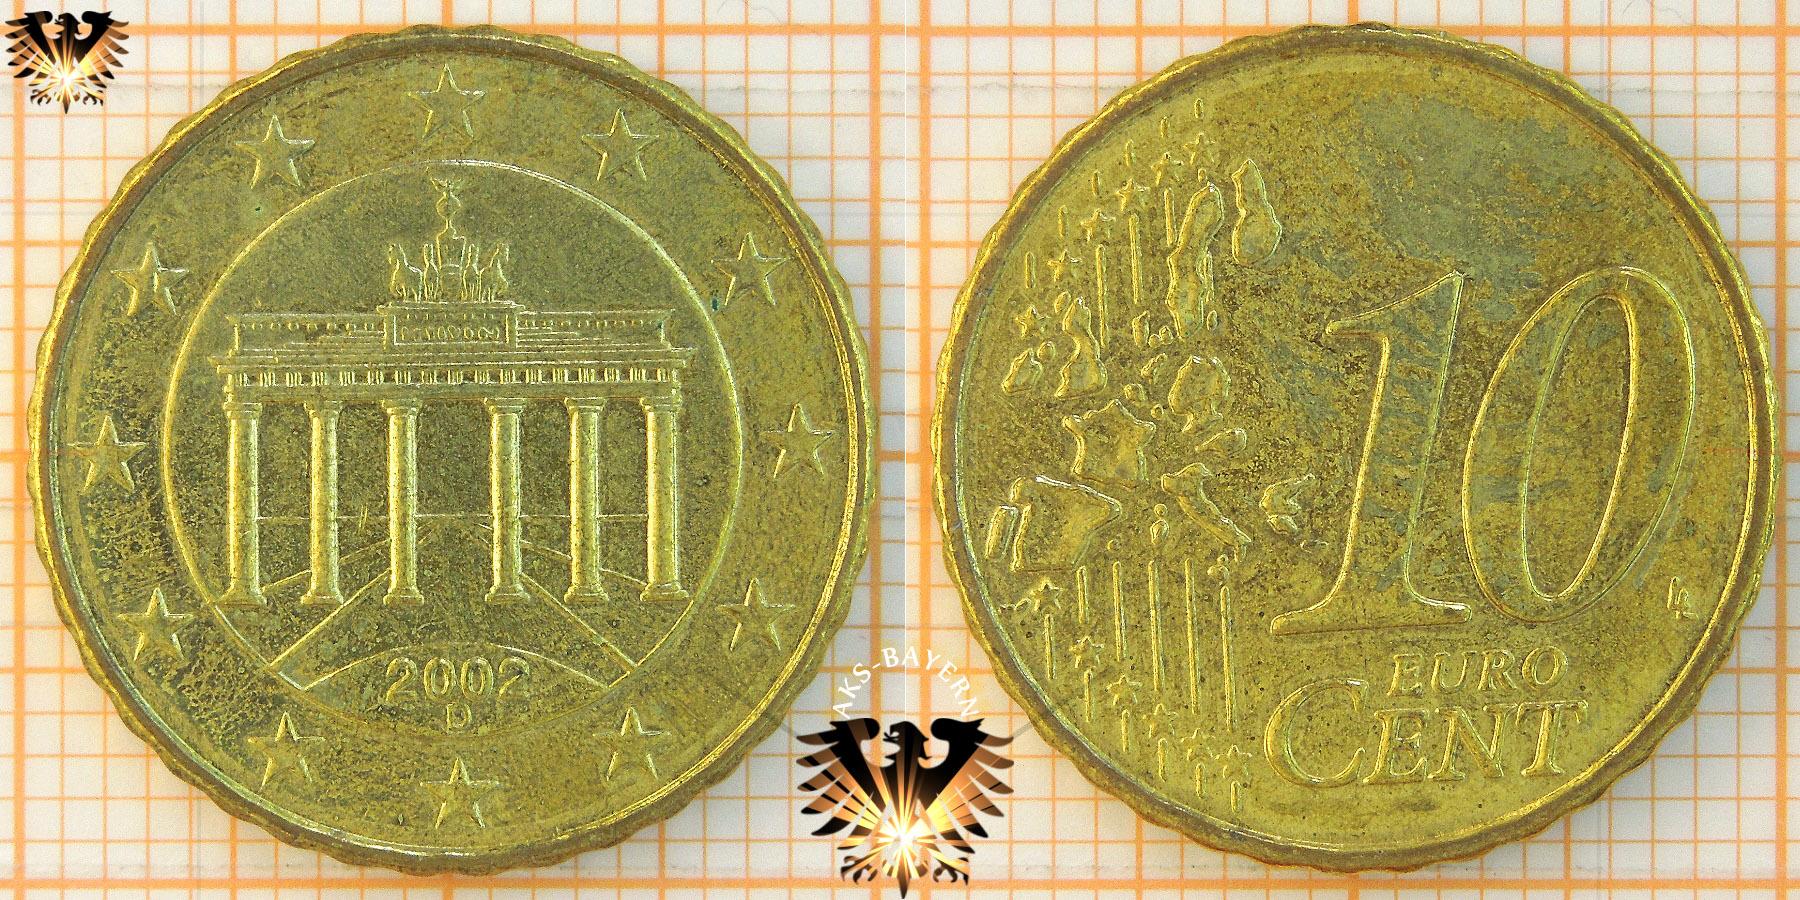 10 Cent Brd 2002 D Nominal Eurocent